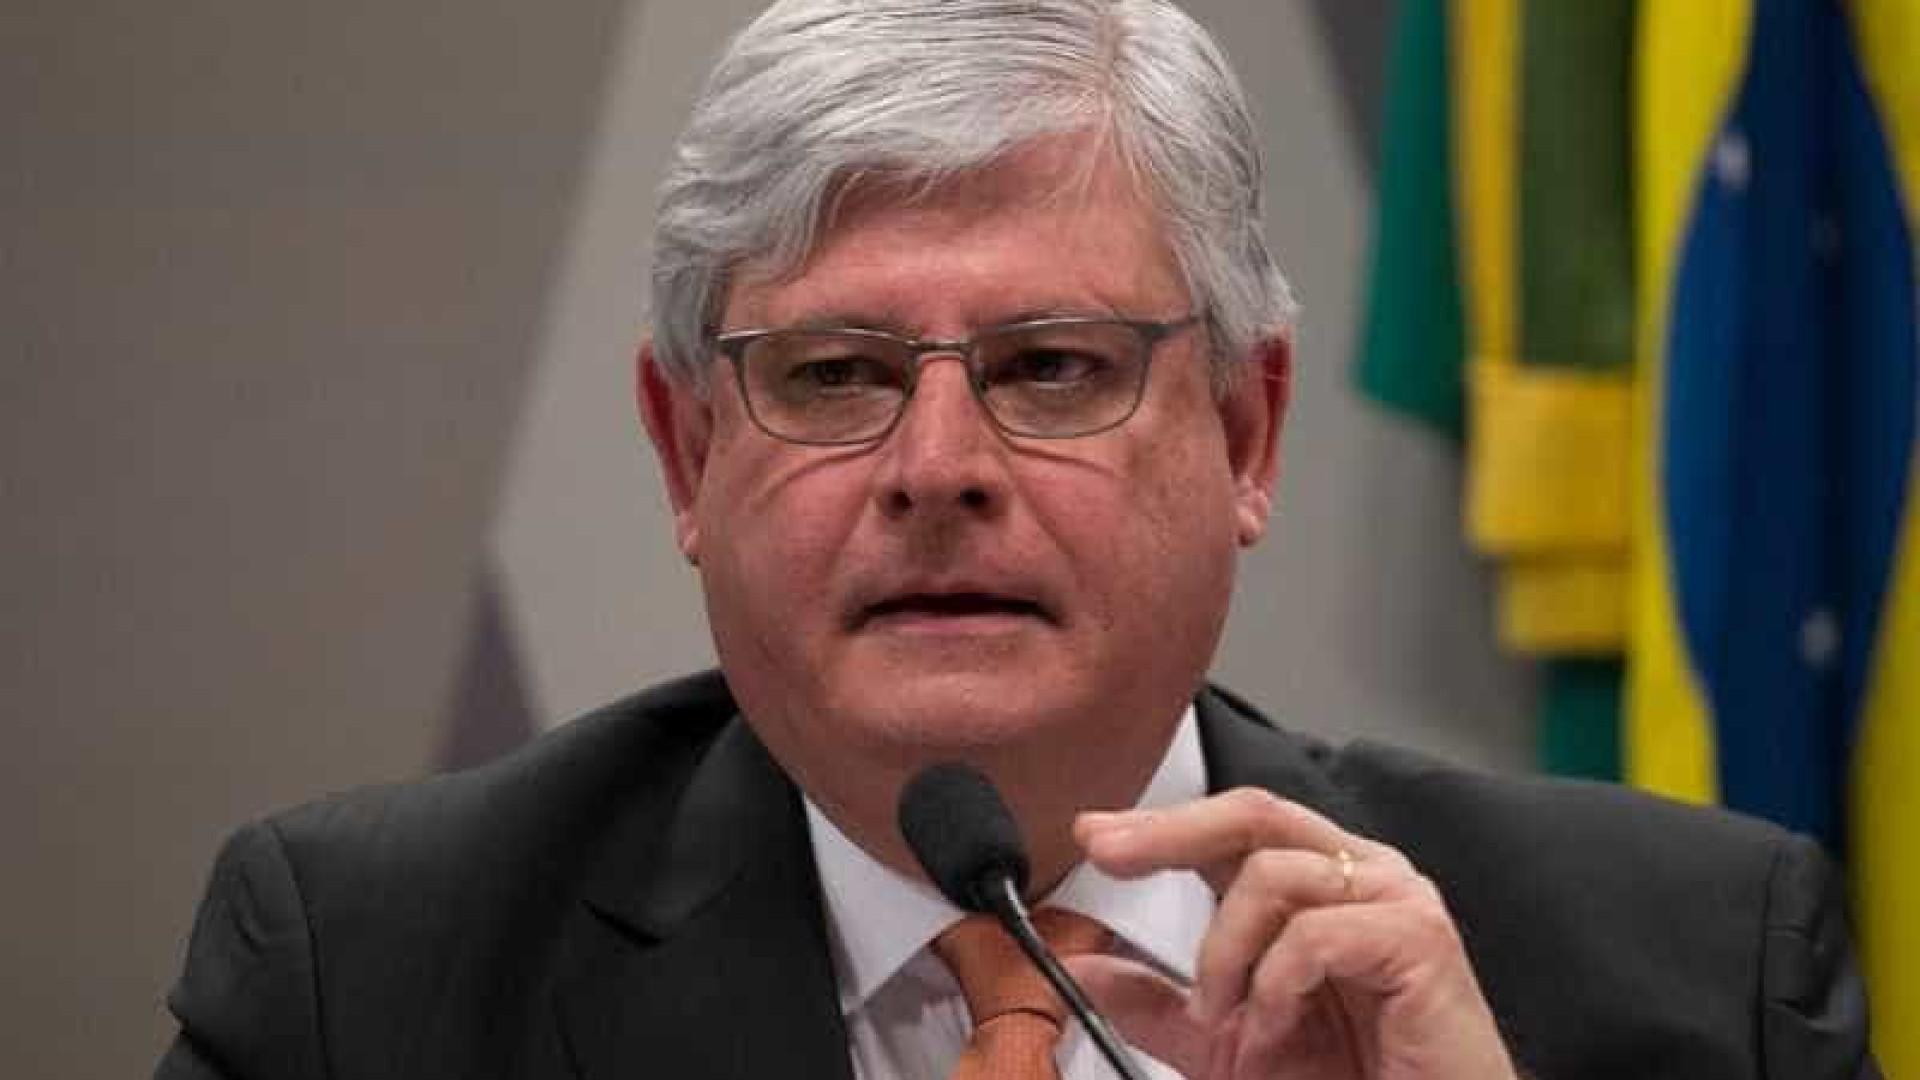 Janot vai ao STF contra orçamento impositivo e corte de gastos na saúde